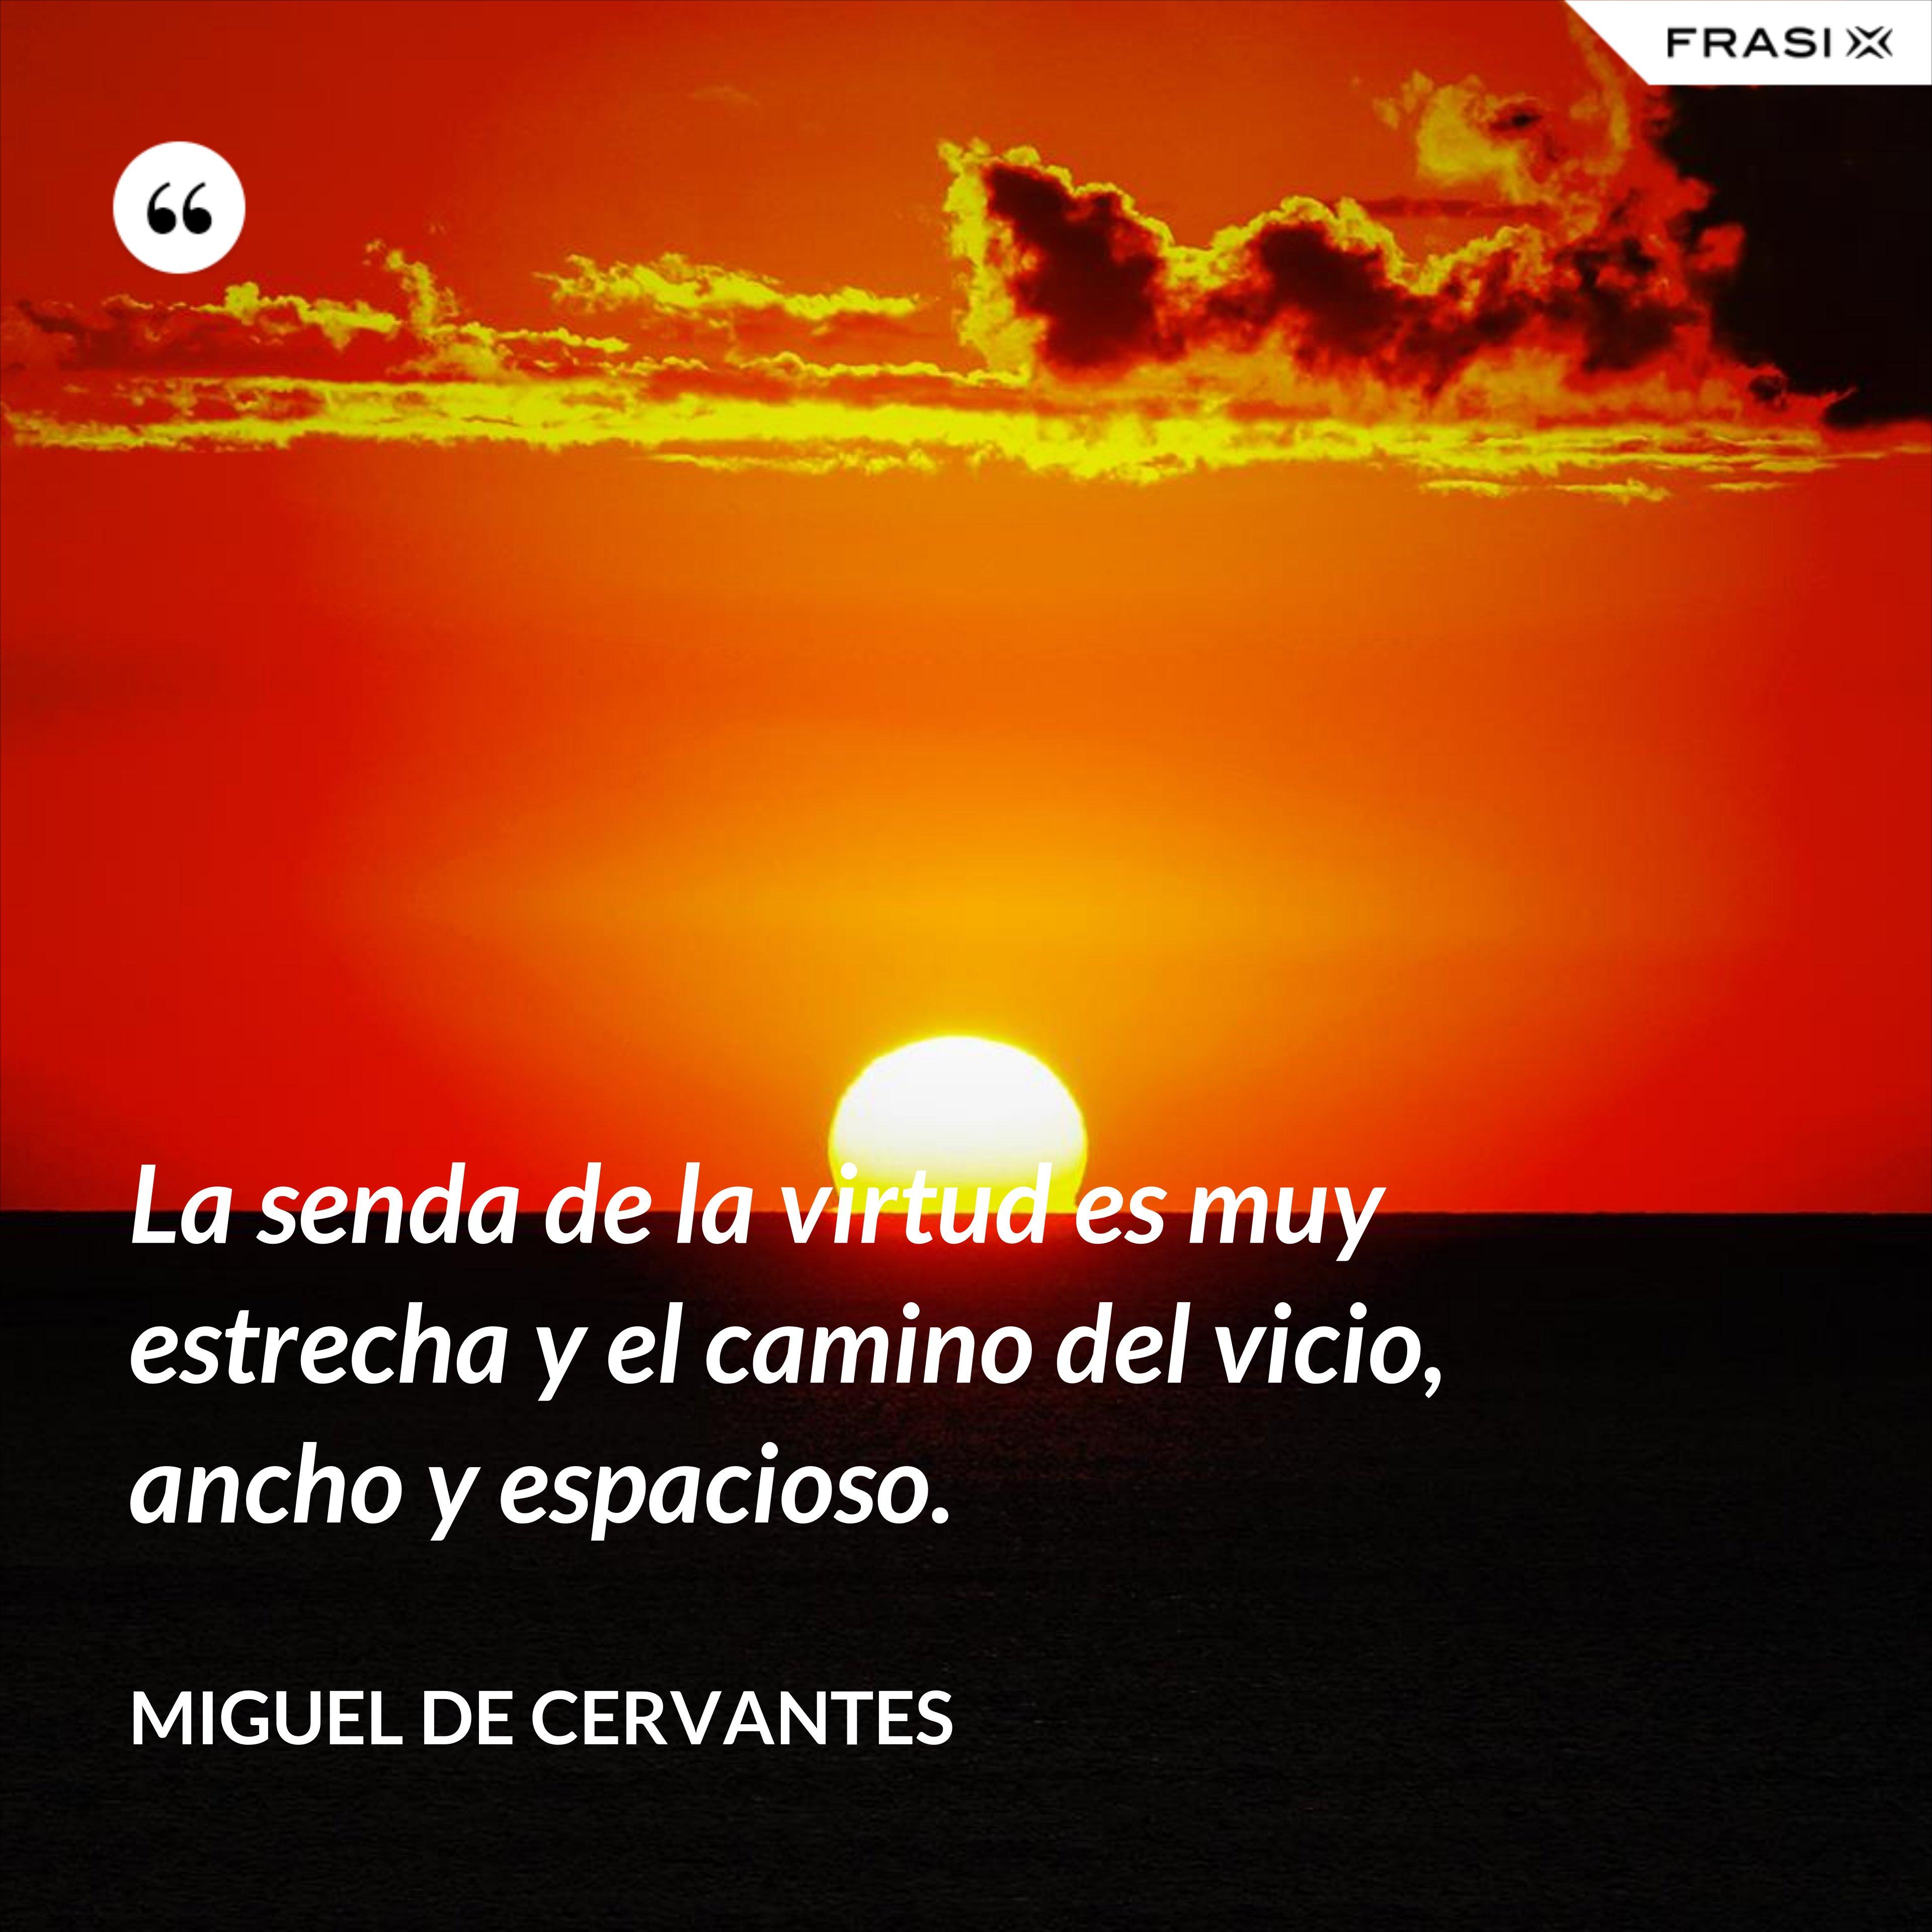 La senda de la virtud es muy estrecha y el camino del vicio, ancho y espacioso. - Miguel de Cervantes